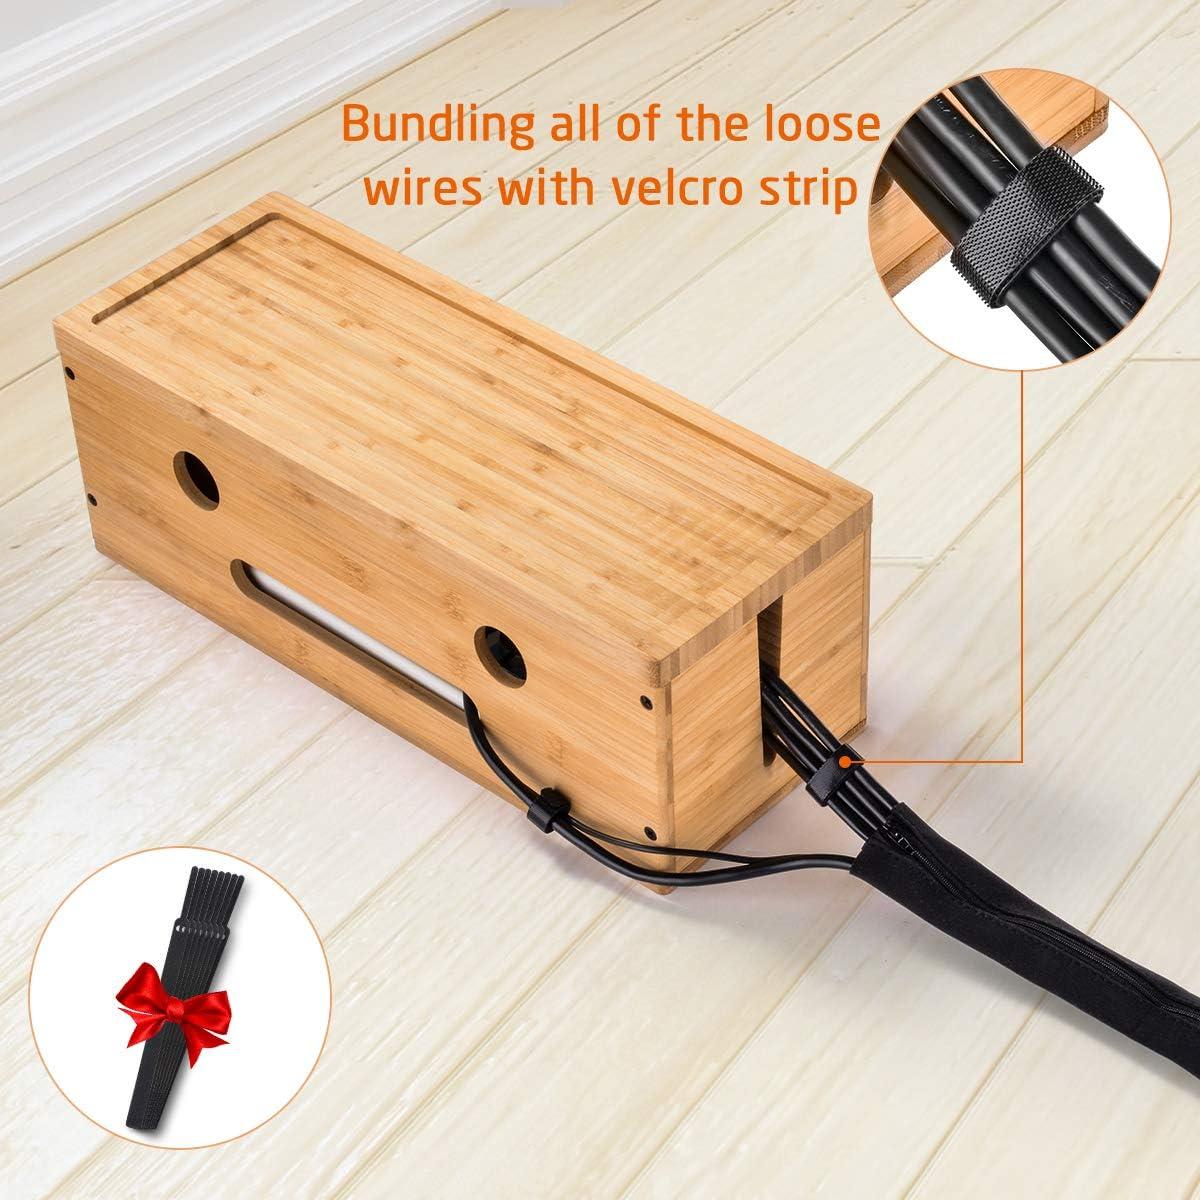 8 Klettverschl/üsse DIY Kabel-Organizer Box mit Rei/ßverschlussschutzh/ülle Computer riesiger Stauraum IKKLE Kabel-Management Box aus Holz Ideal f/ür Schreibtisch f/ür die Sicherheit Ihrer Kinder